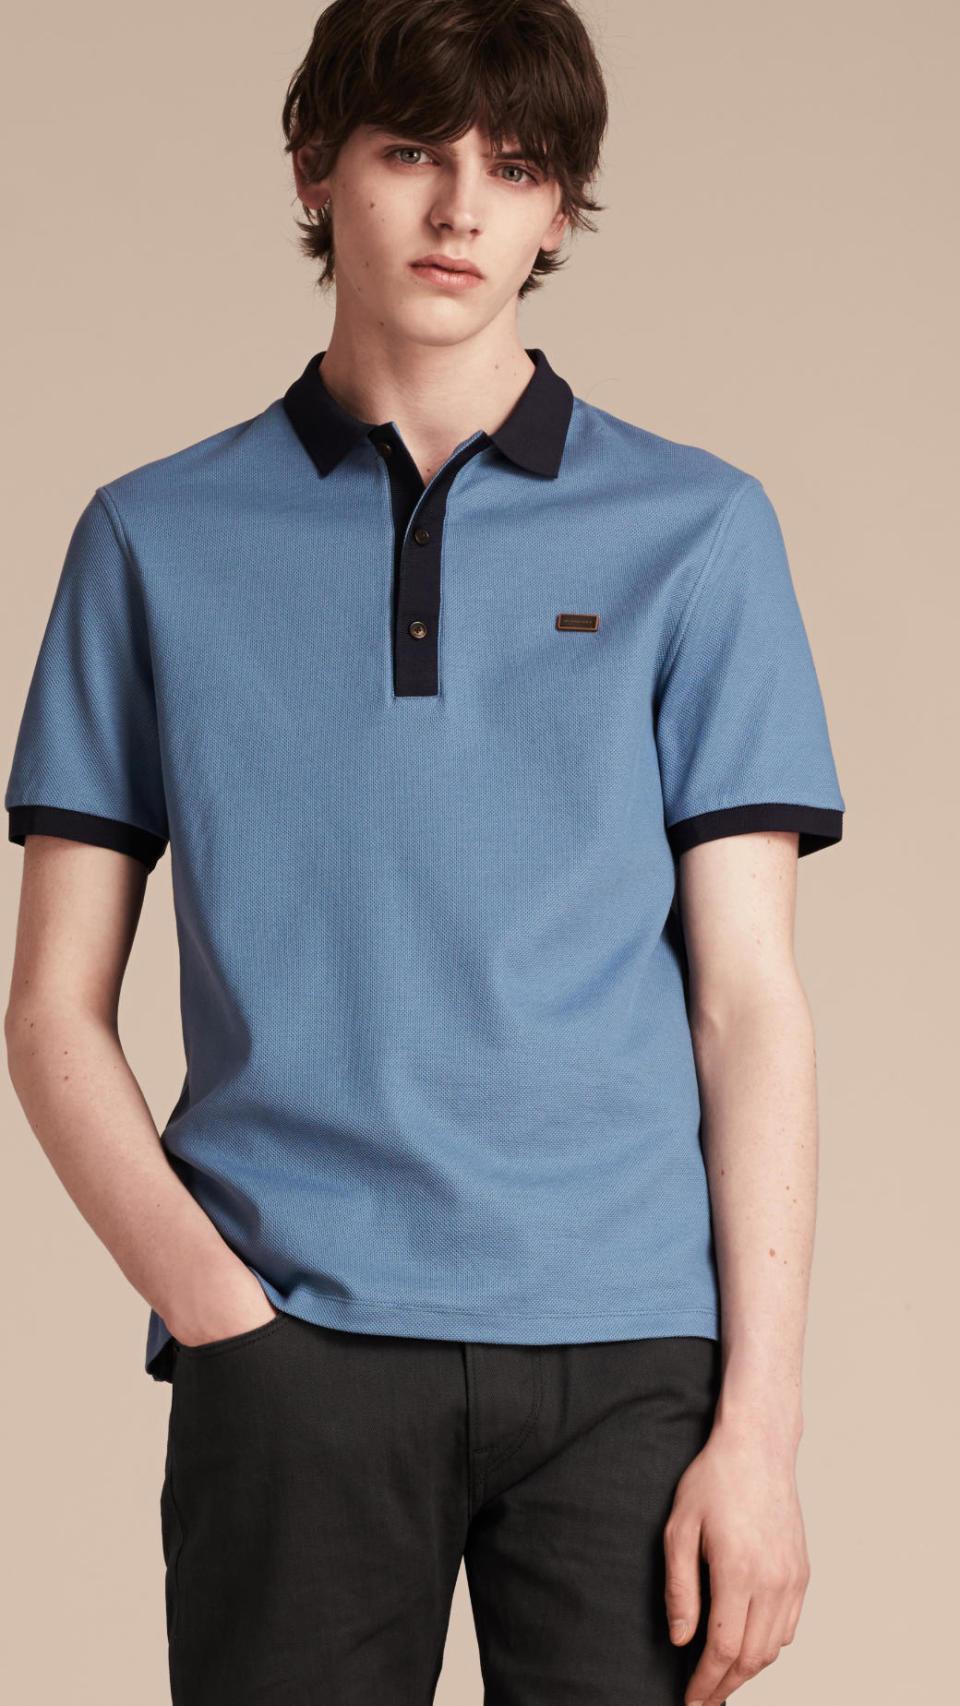 """大人の夏はこのおすすめブランド""""ポロシャツ""""で乗り切れ! 大人スタイルには紳士感を求めろ 8番目の画像"""